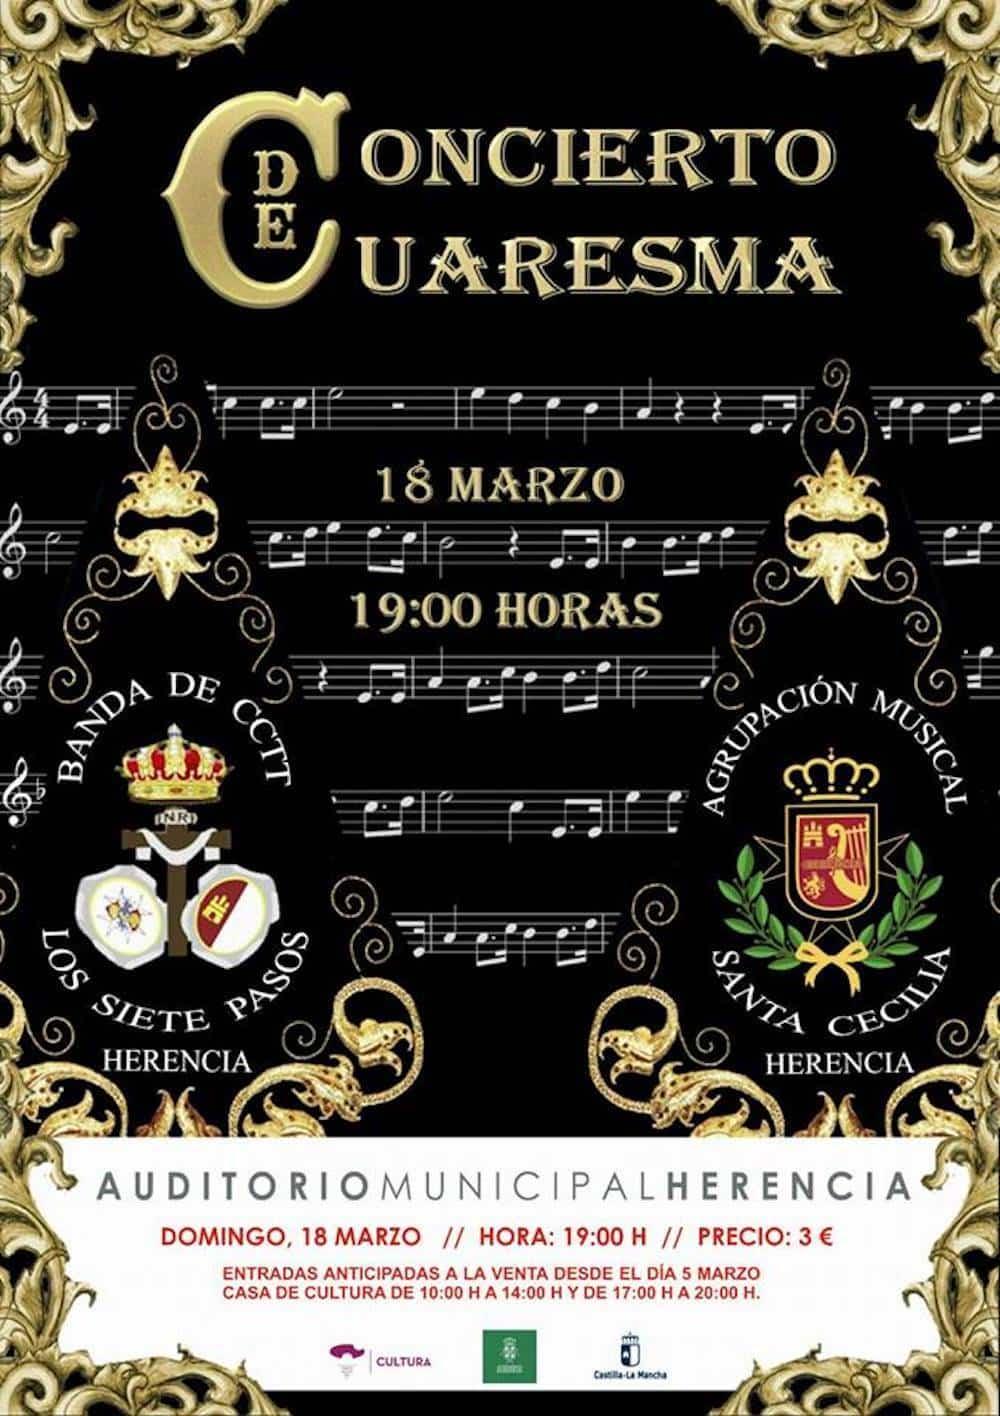 concierto cuaresma 2018 - Concierto de Cuaresma el próximo domingo 18 de marzo